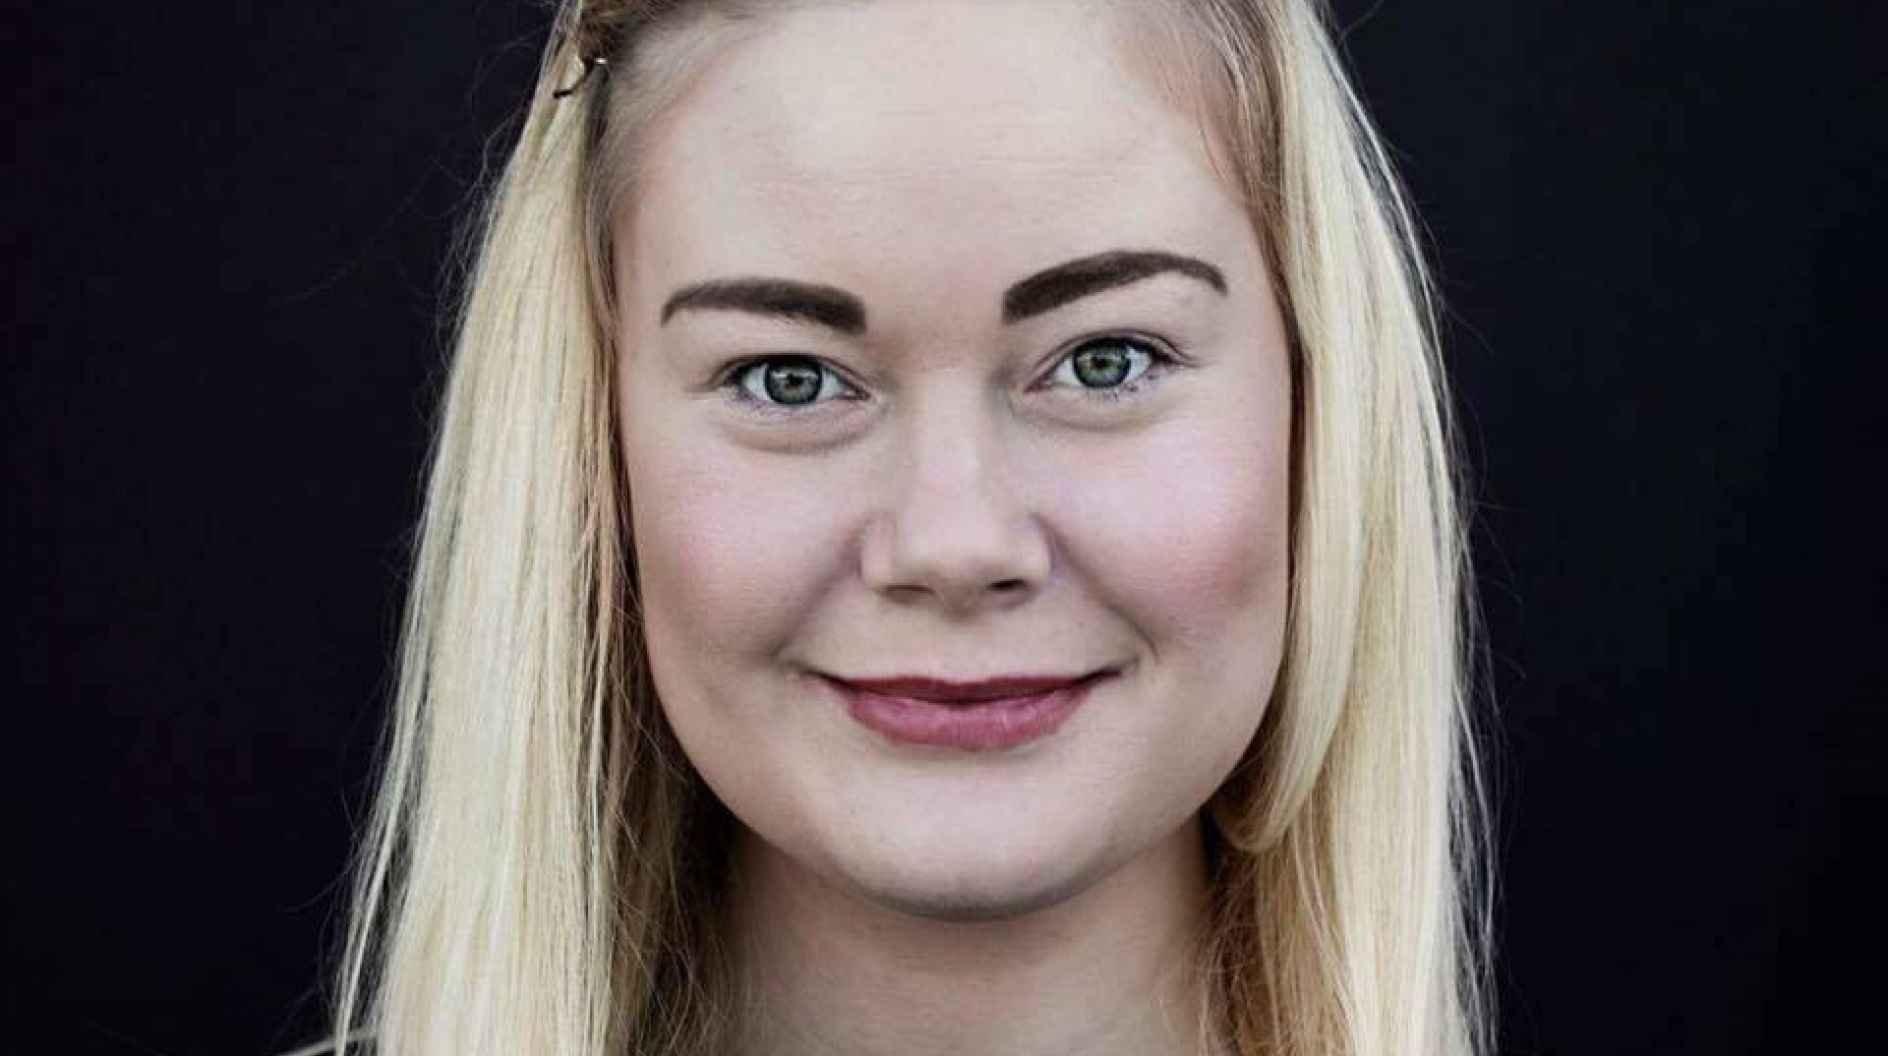 """""""Lad os sammen bruge tid på at skabe et positivt billede af psykisk sårbare mennesker, nu hvor de danske medier ikke kan,"""" skriver Maria Liv Kjærgaard. Privatfoto."""